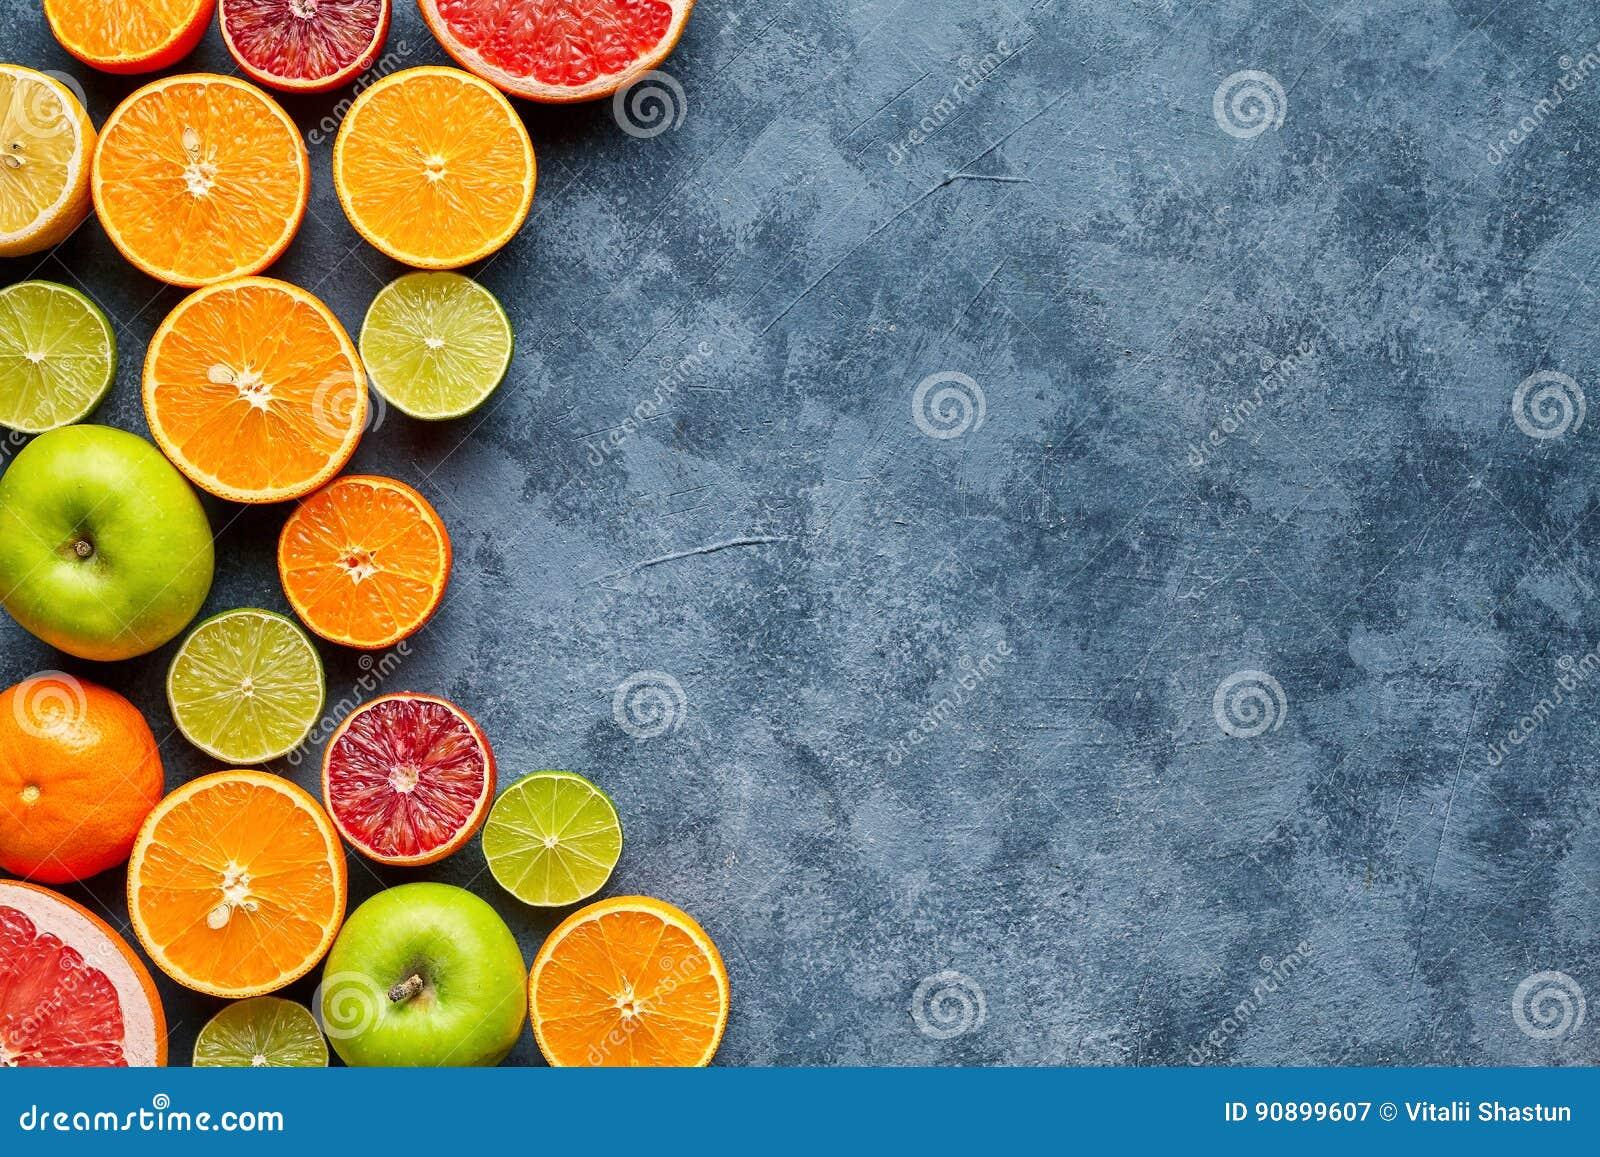 Preparato degli agrumi sulla tavola concreta grigio scuro Priorità bassa dell alimento Cibo sano Antiossidante, disintossicazione